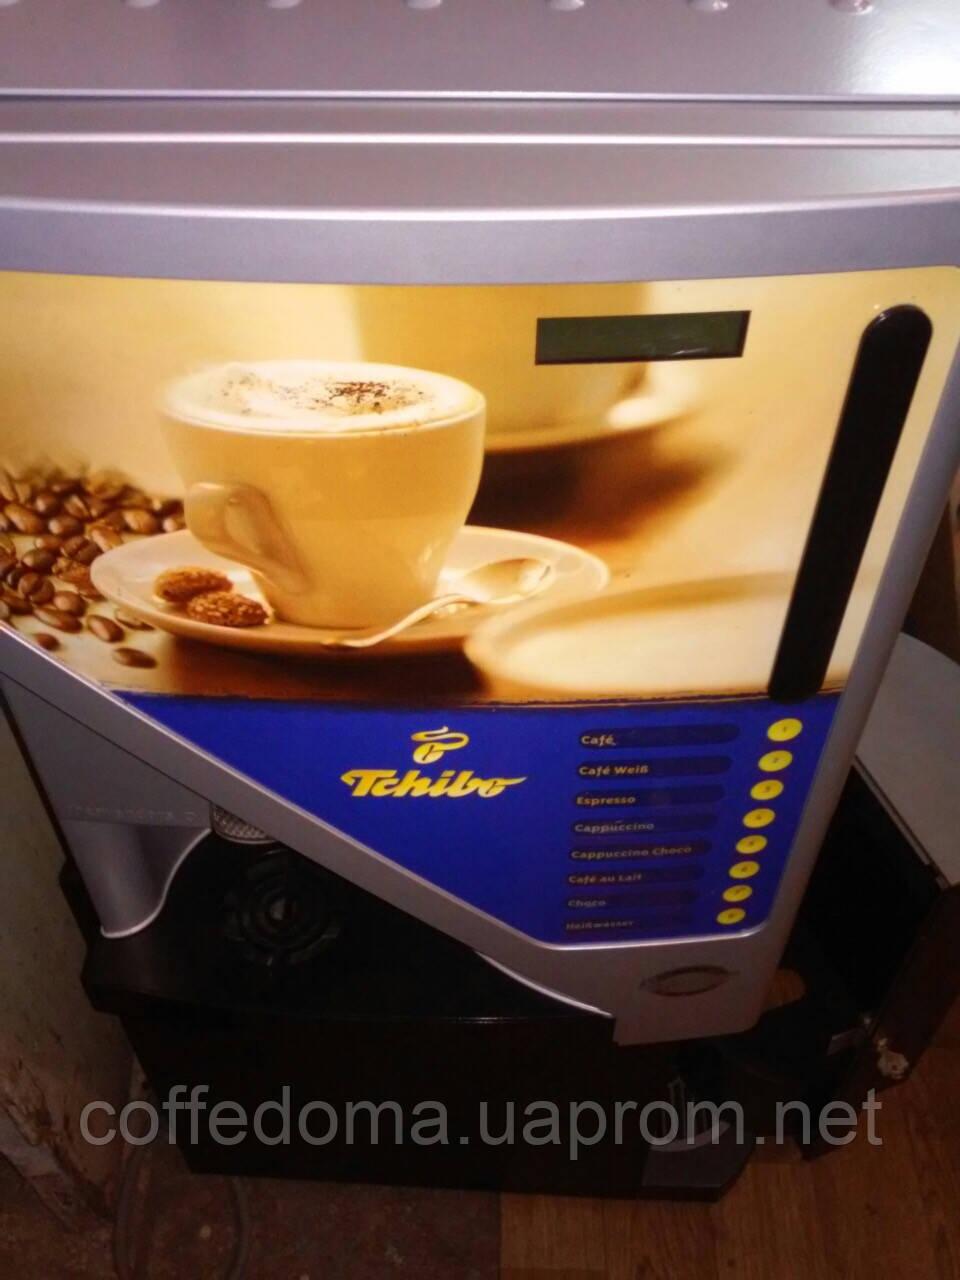 Rheavendors XS настольный вендинговый кофеавтомат